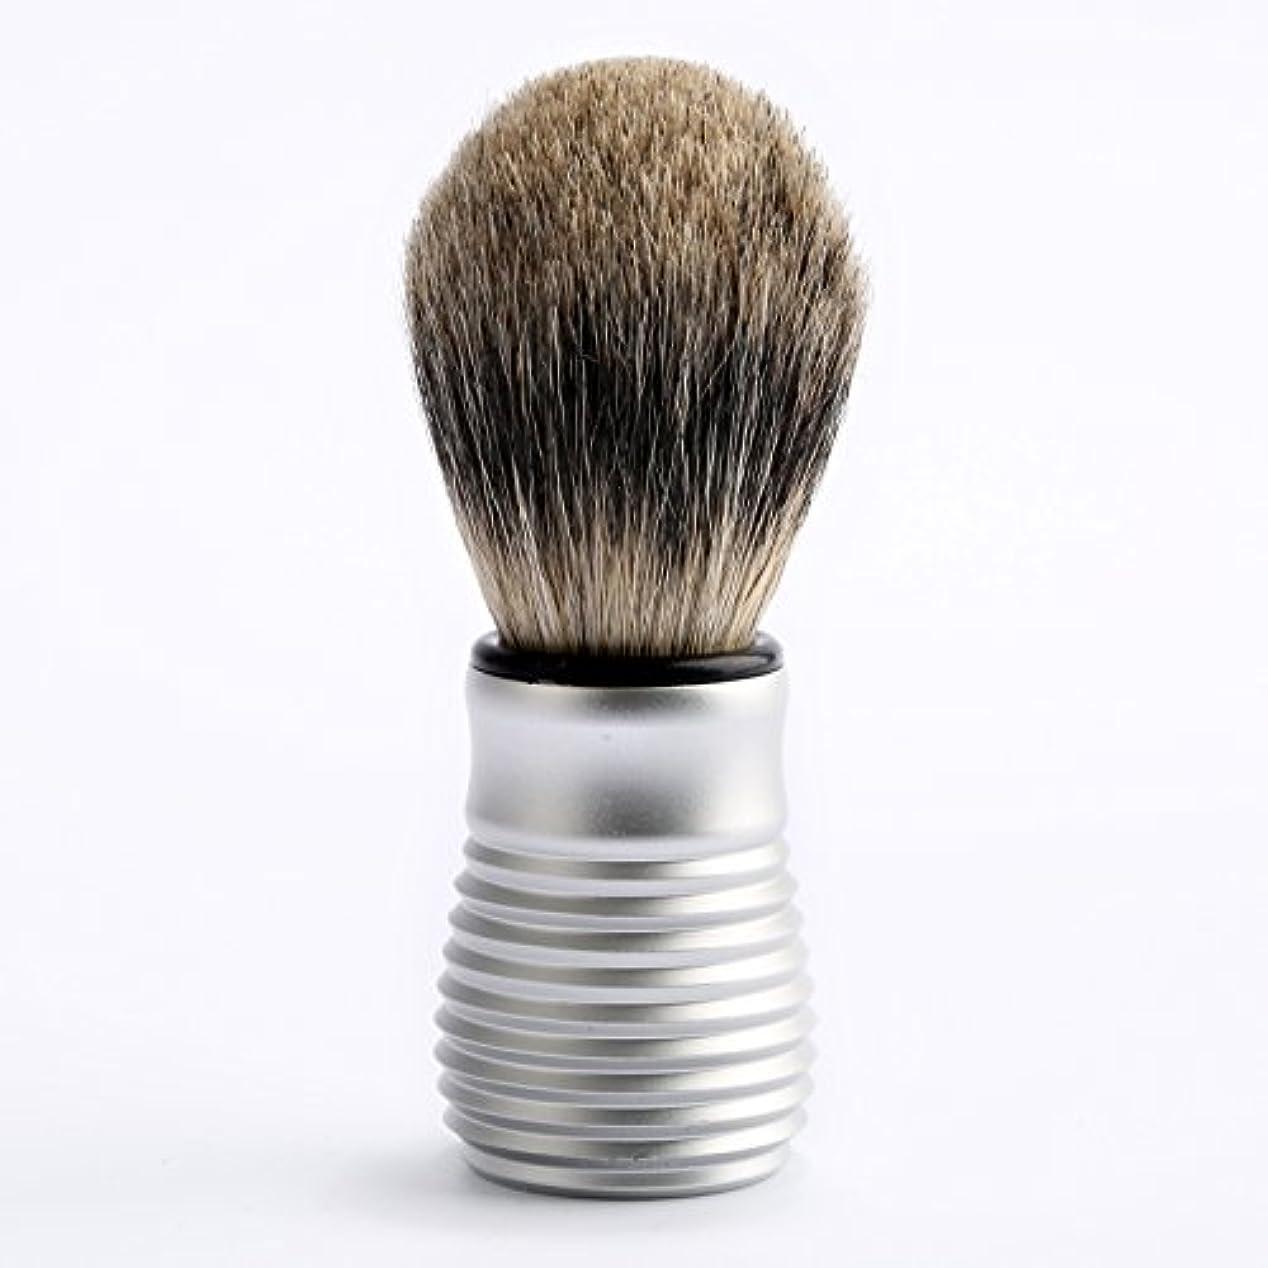 プレミアブルマンモスひげブラシ メンズ用 髭剃り ブラシ アナグマ毛シェービングブラシ ギフト 理容 洗顔 髭剃り 泡立ち アルミ製のハンドル シルバー